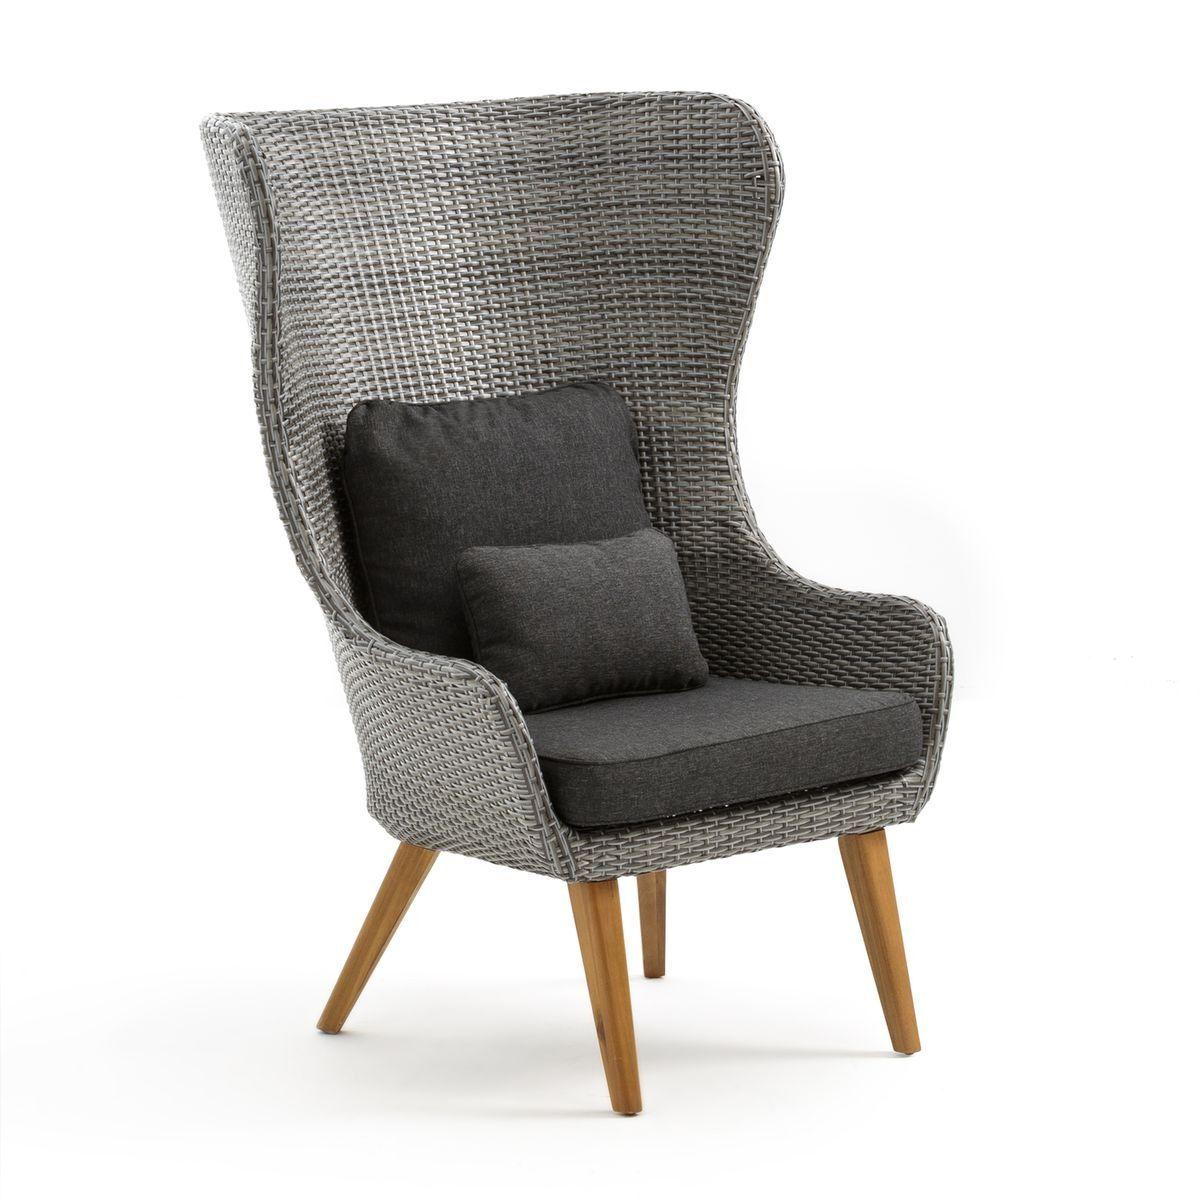 fauteuil de jardin en ra c sine cielterre